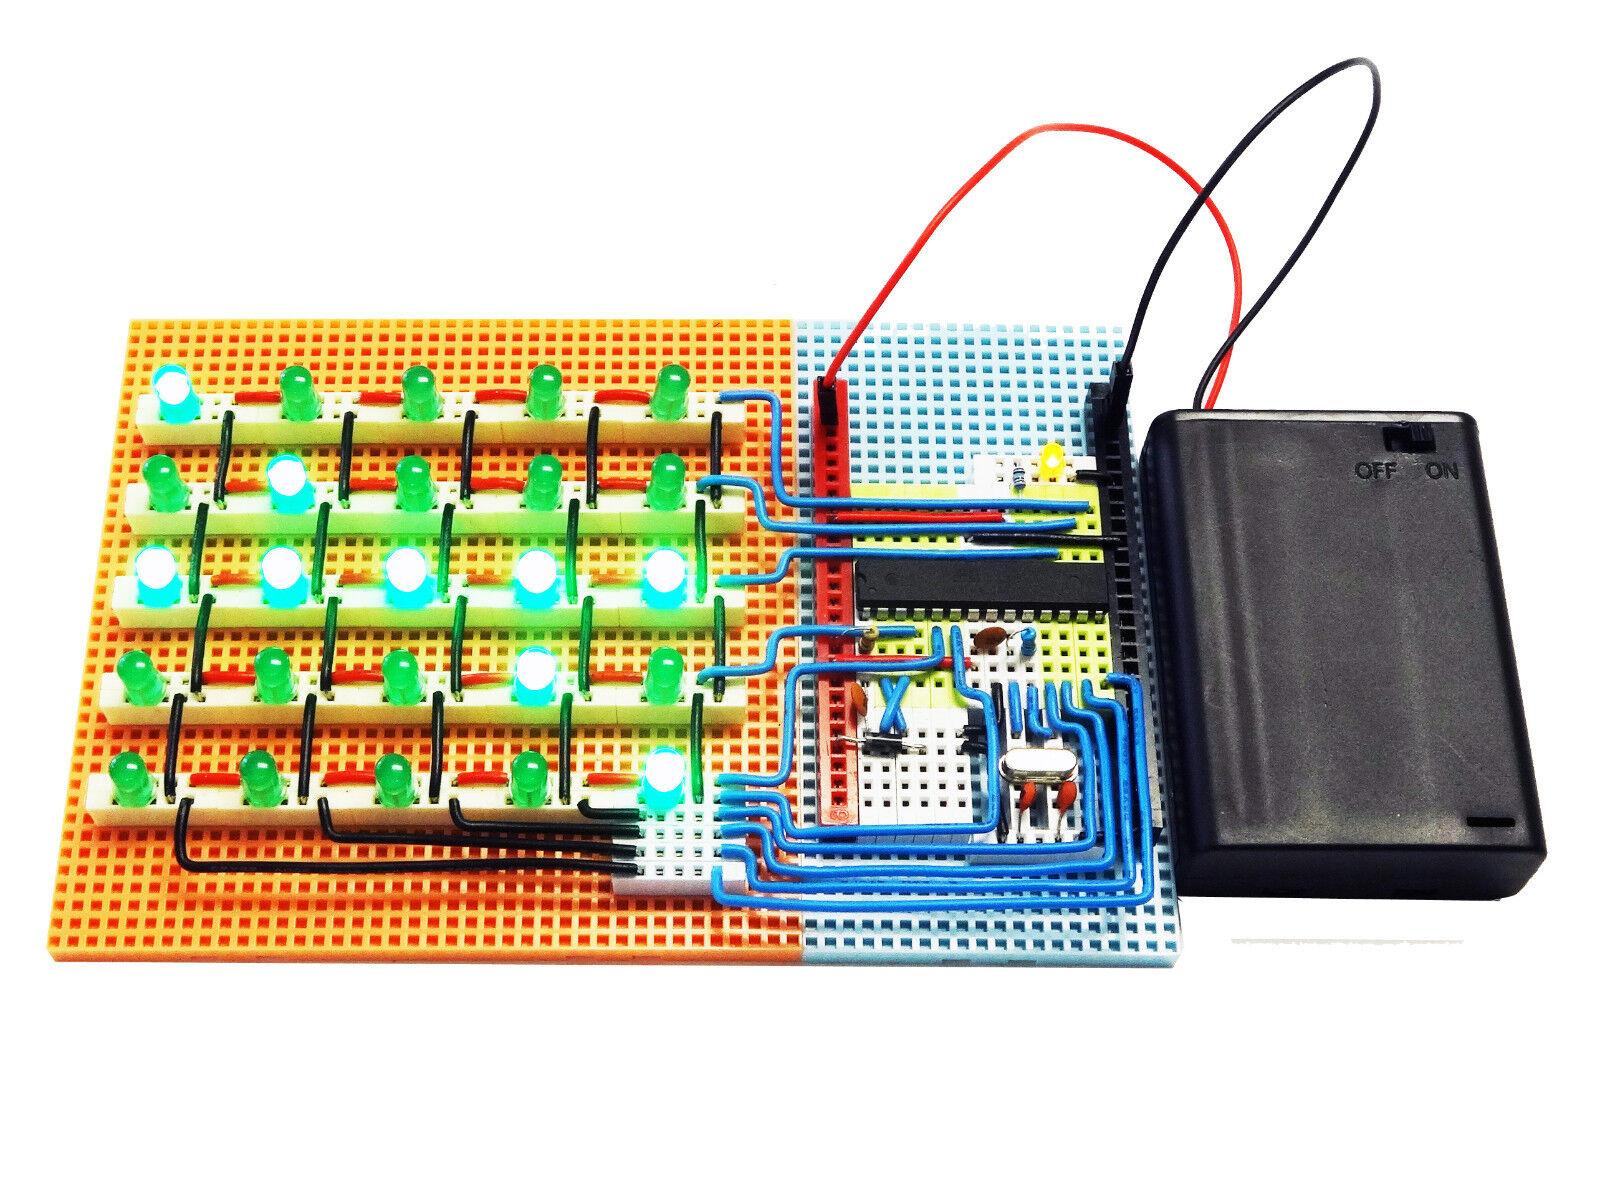 Envío 100% gratuito 5 Eboard Mastering Arduino Arduino Arduino Hardware y Software Todo en Uno Kit De Luces Led  tienda de bajo costo